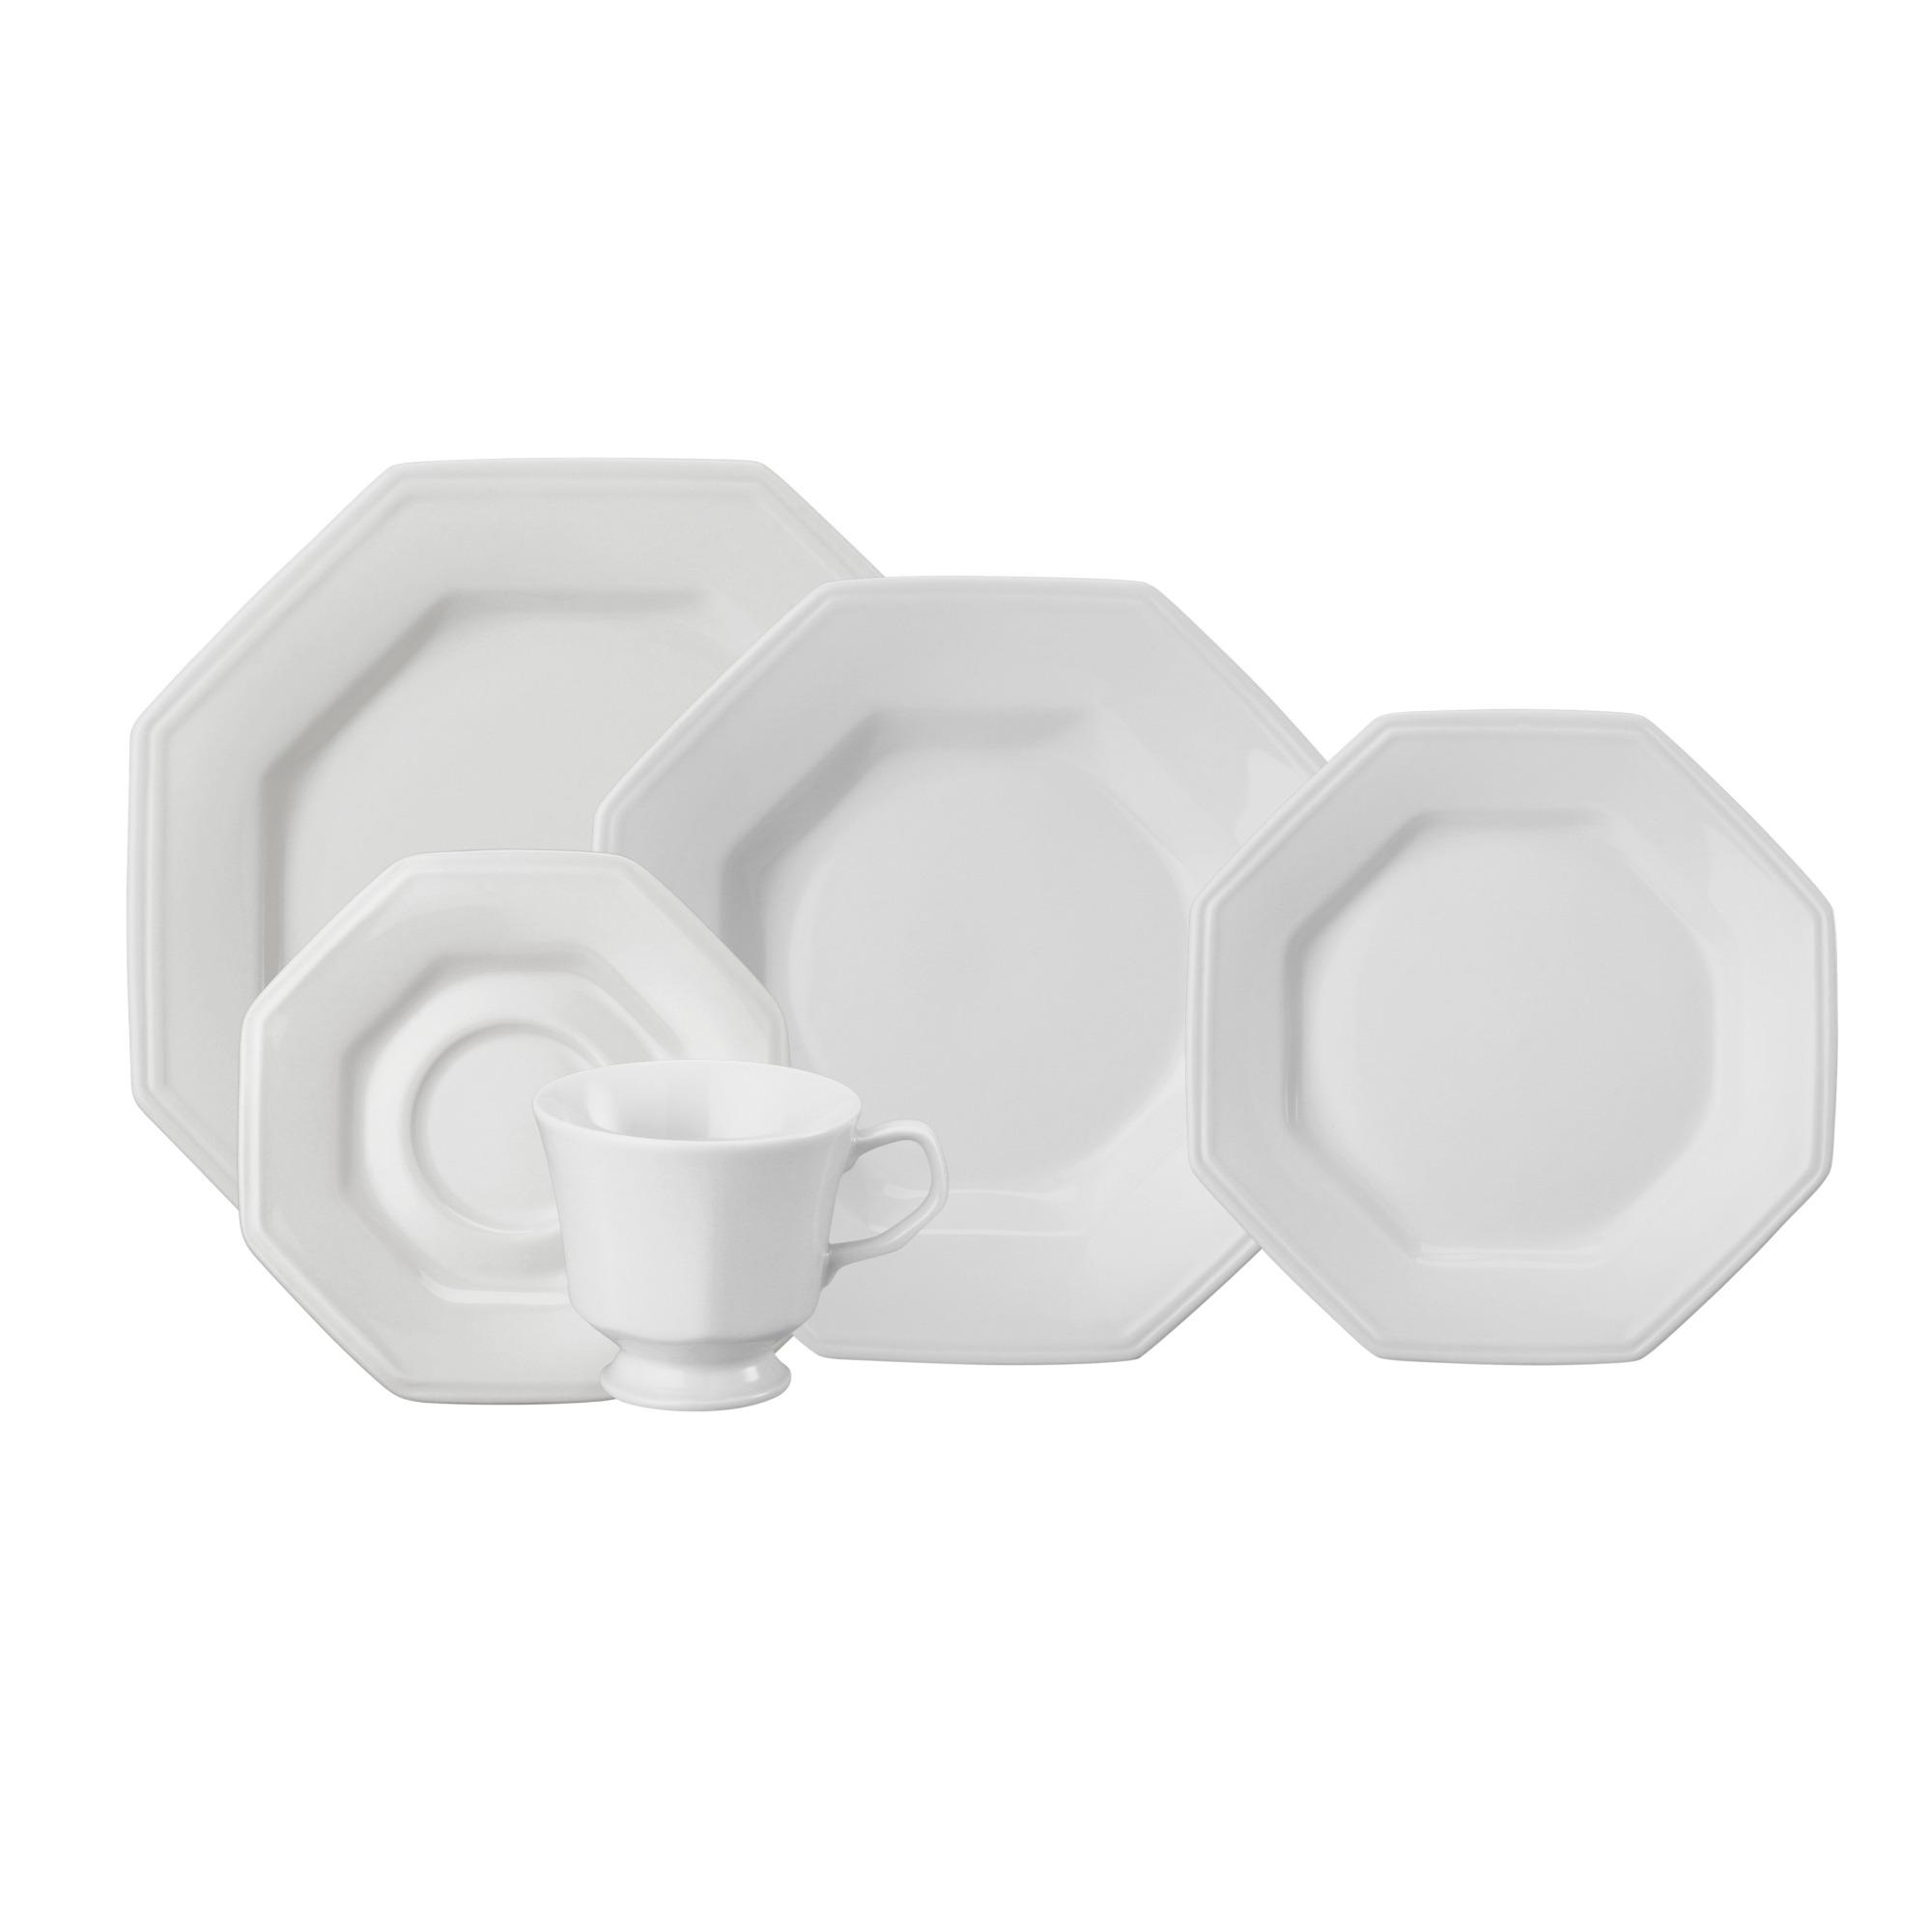 Aparelho de Jantar de Porcelana 20 Pecas Prisma Branco - Schmidt